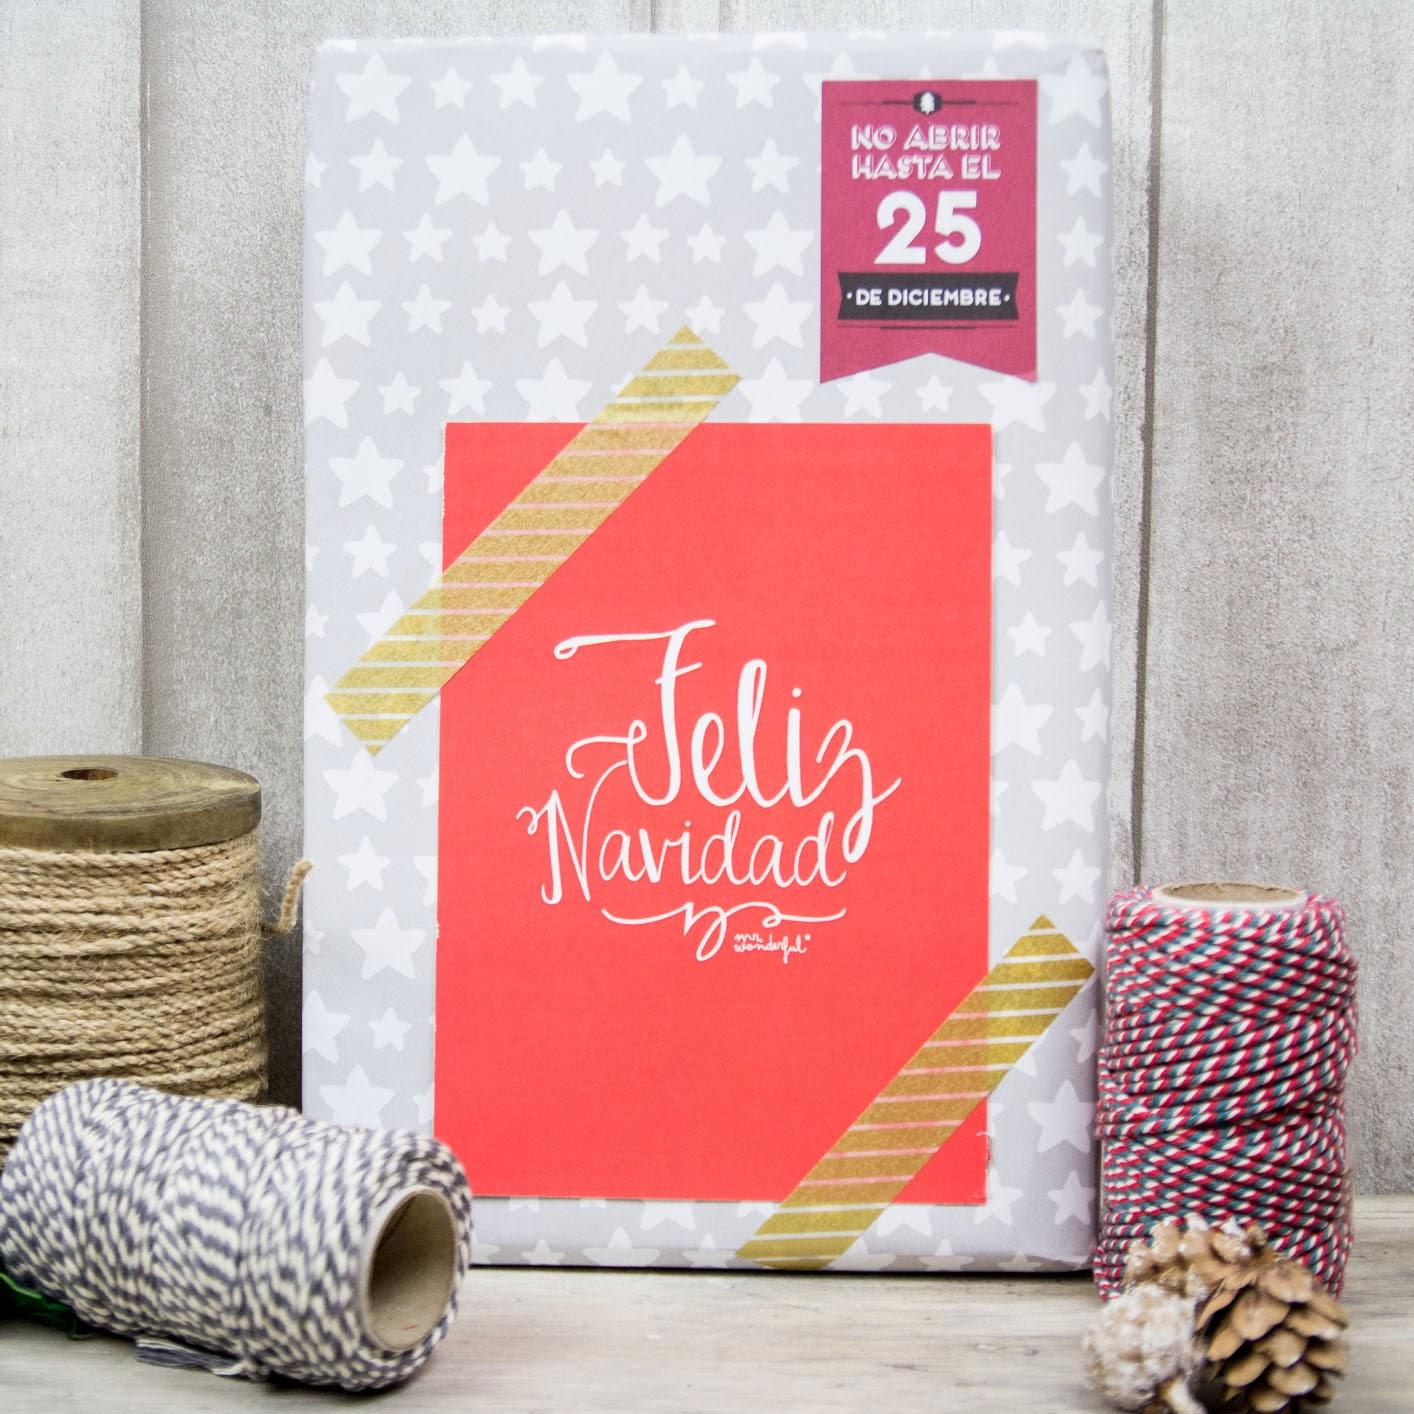 en el blog de muy moln podrs descargar tarjetas muy originales para al tus regalos navideos